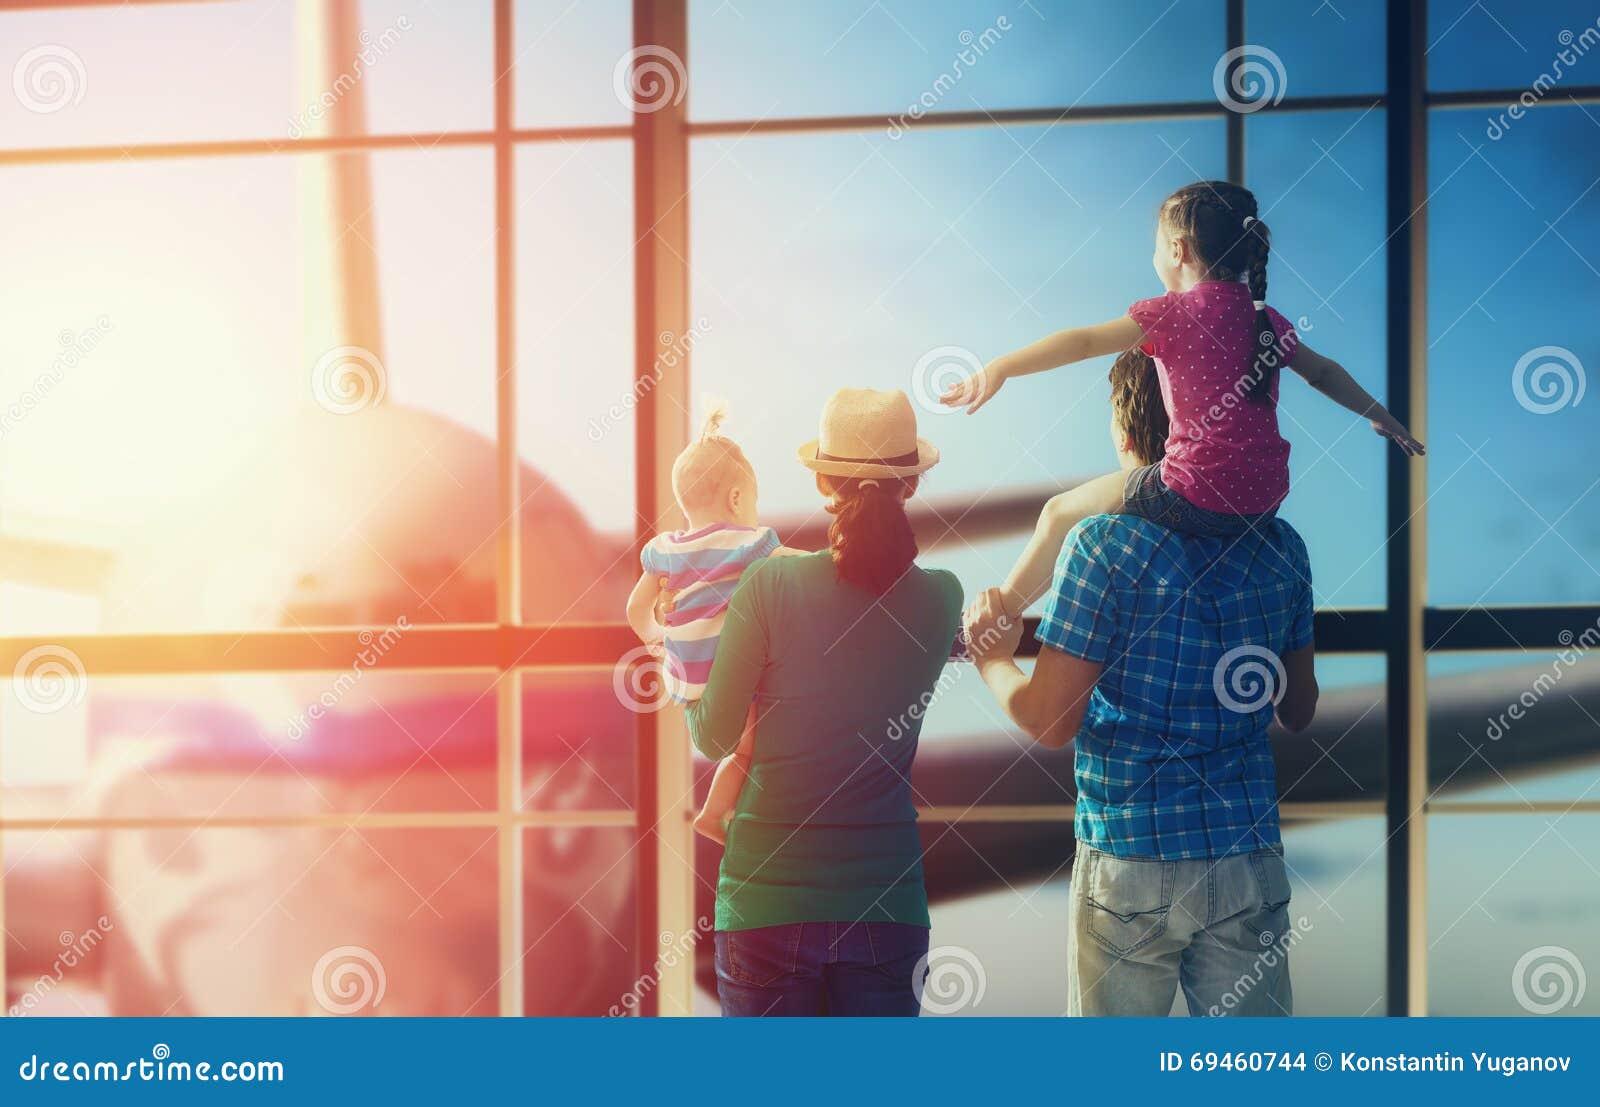 Famille avec des enfants à l aéroport